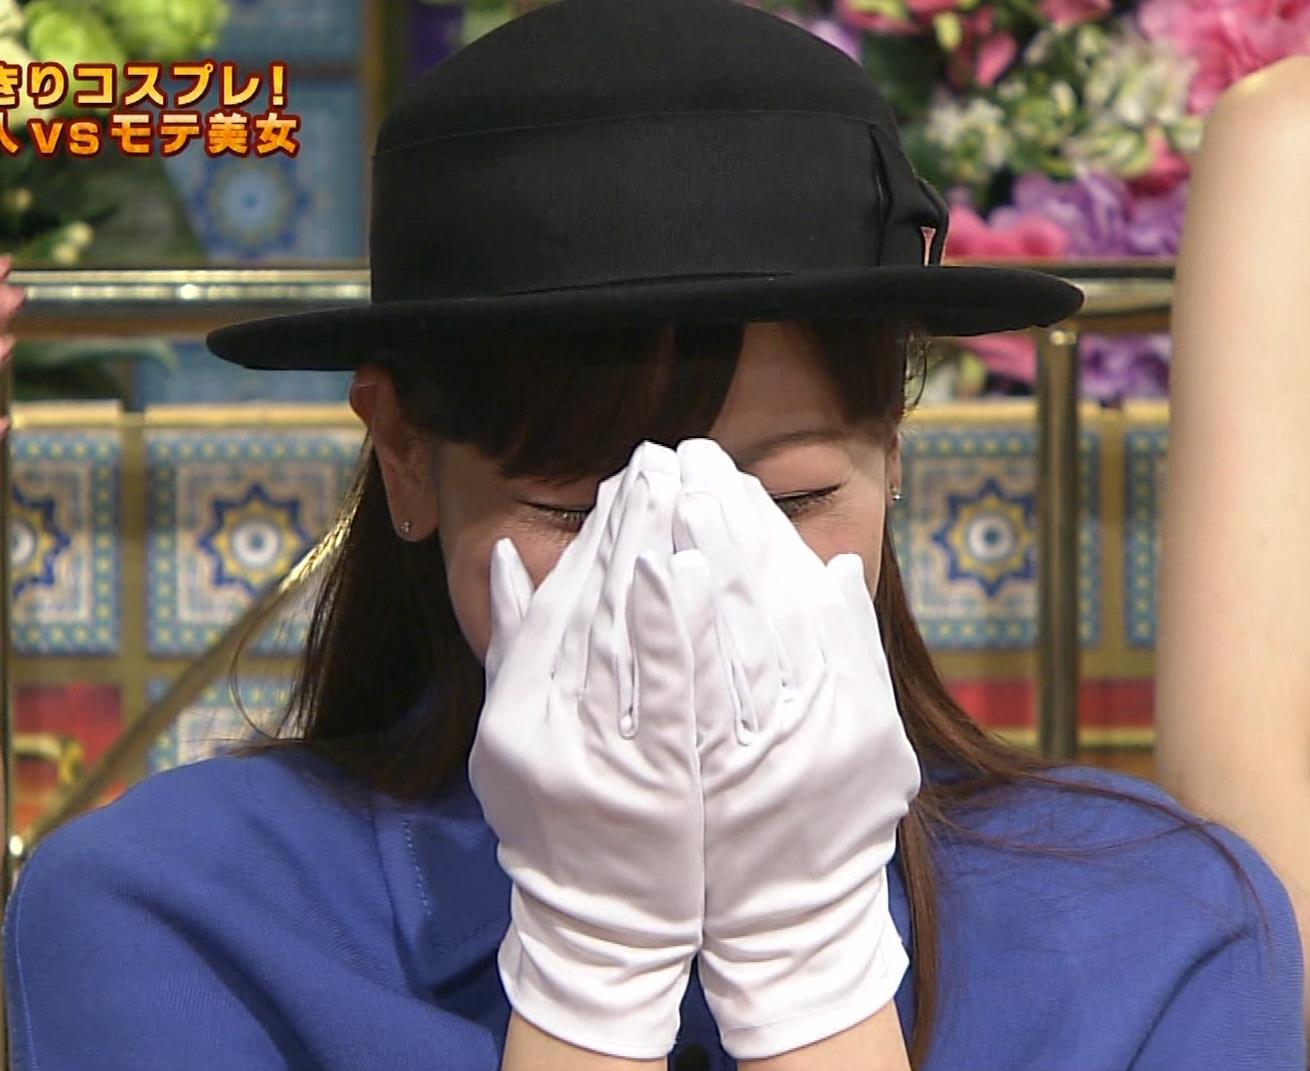 皆藤愛子 ミニスカートの中をアップで撮られるキャプ・エロ画像5